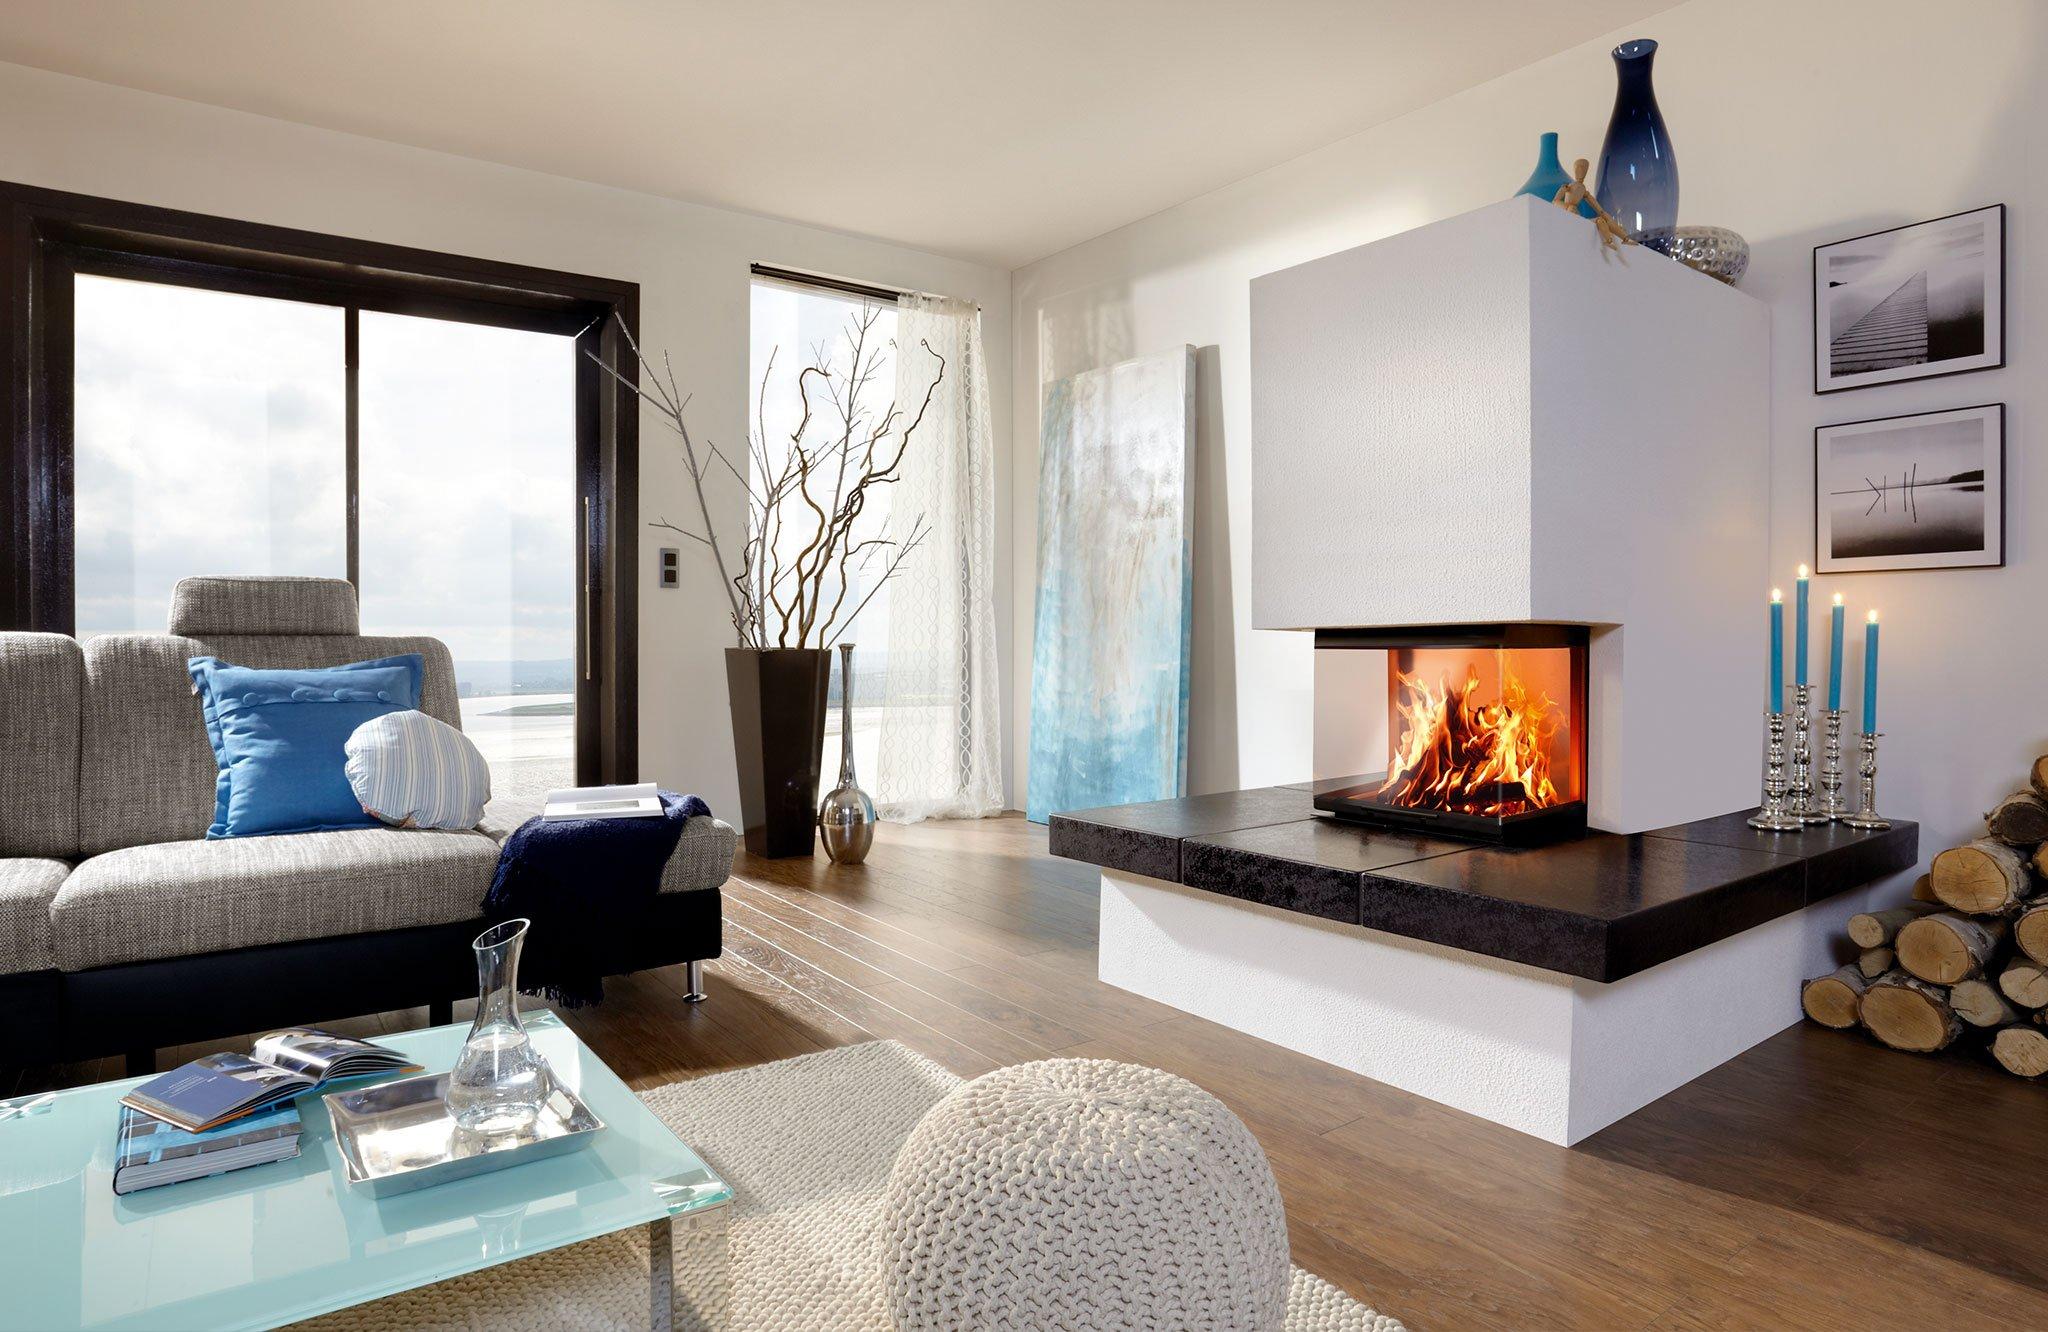 Электрокамин в интерьере +70 фото в дизайне гостиной